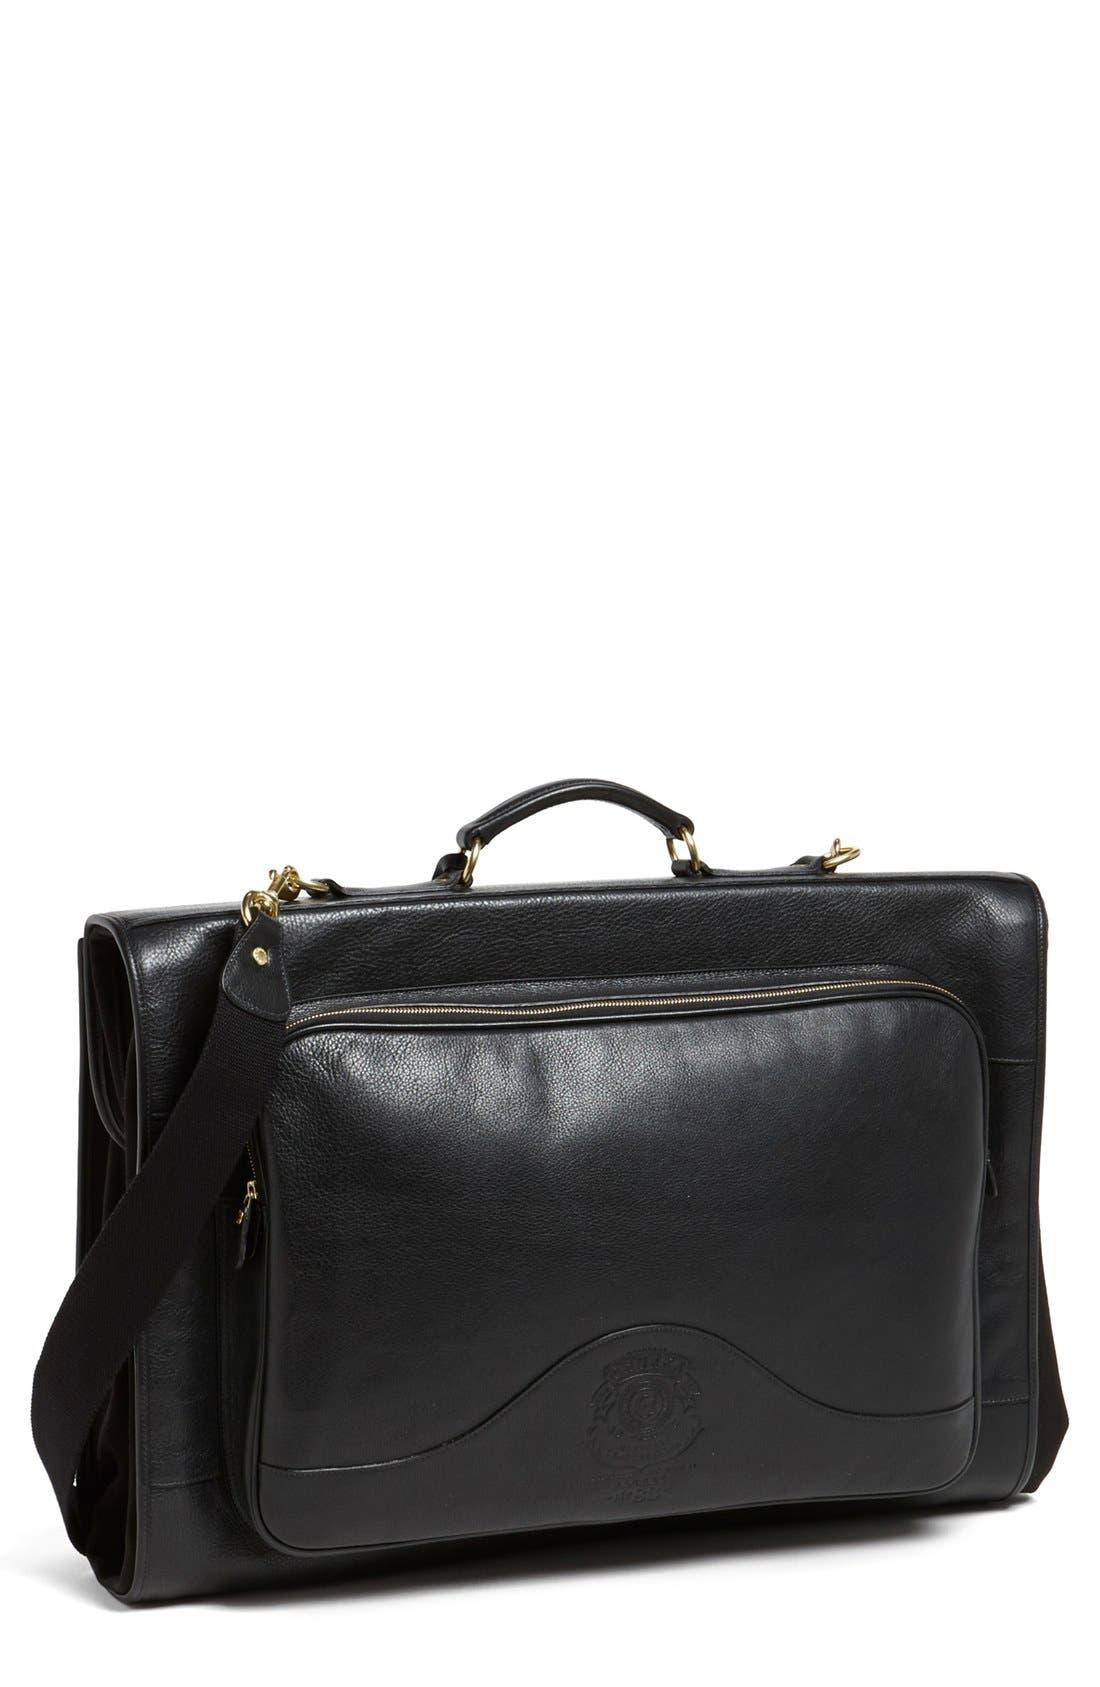 Main Image - Ghurka 'Packet No. 83' Leather Garment Bag